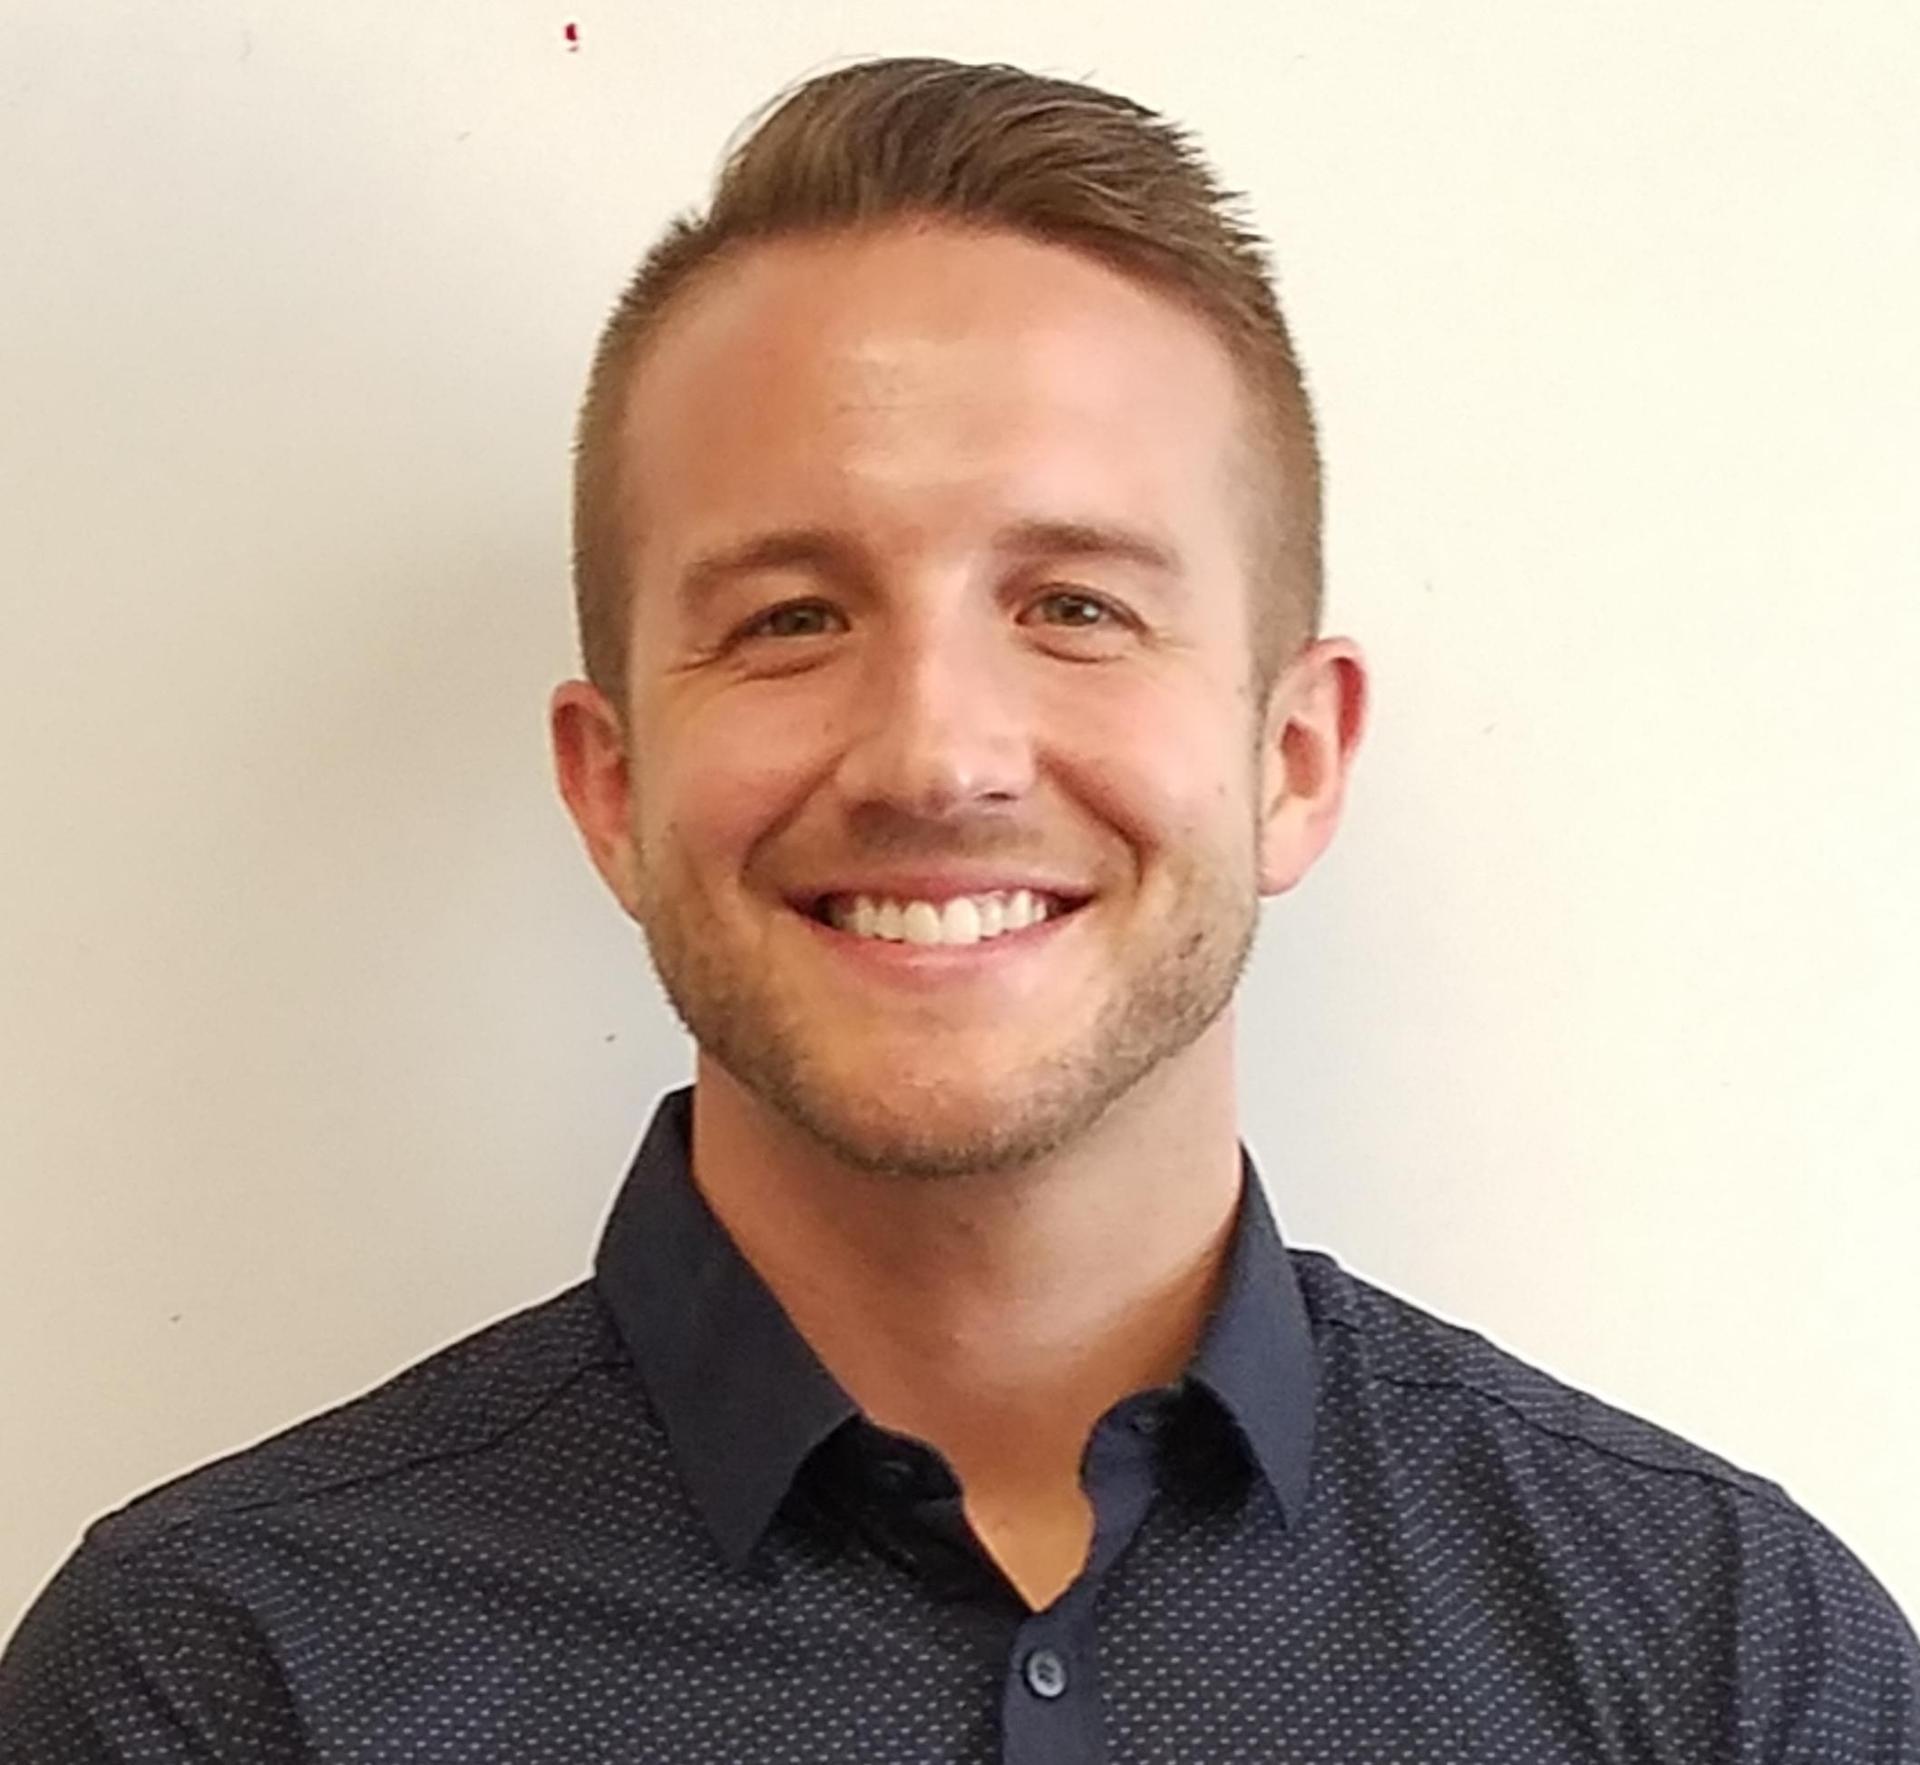 Nolan McBride